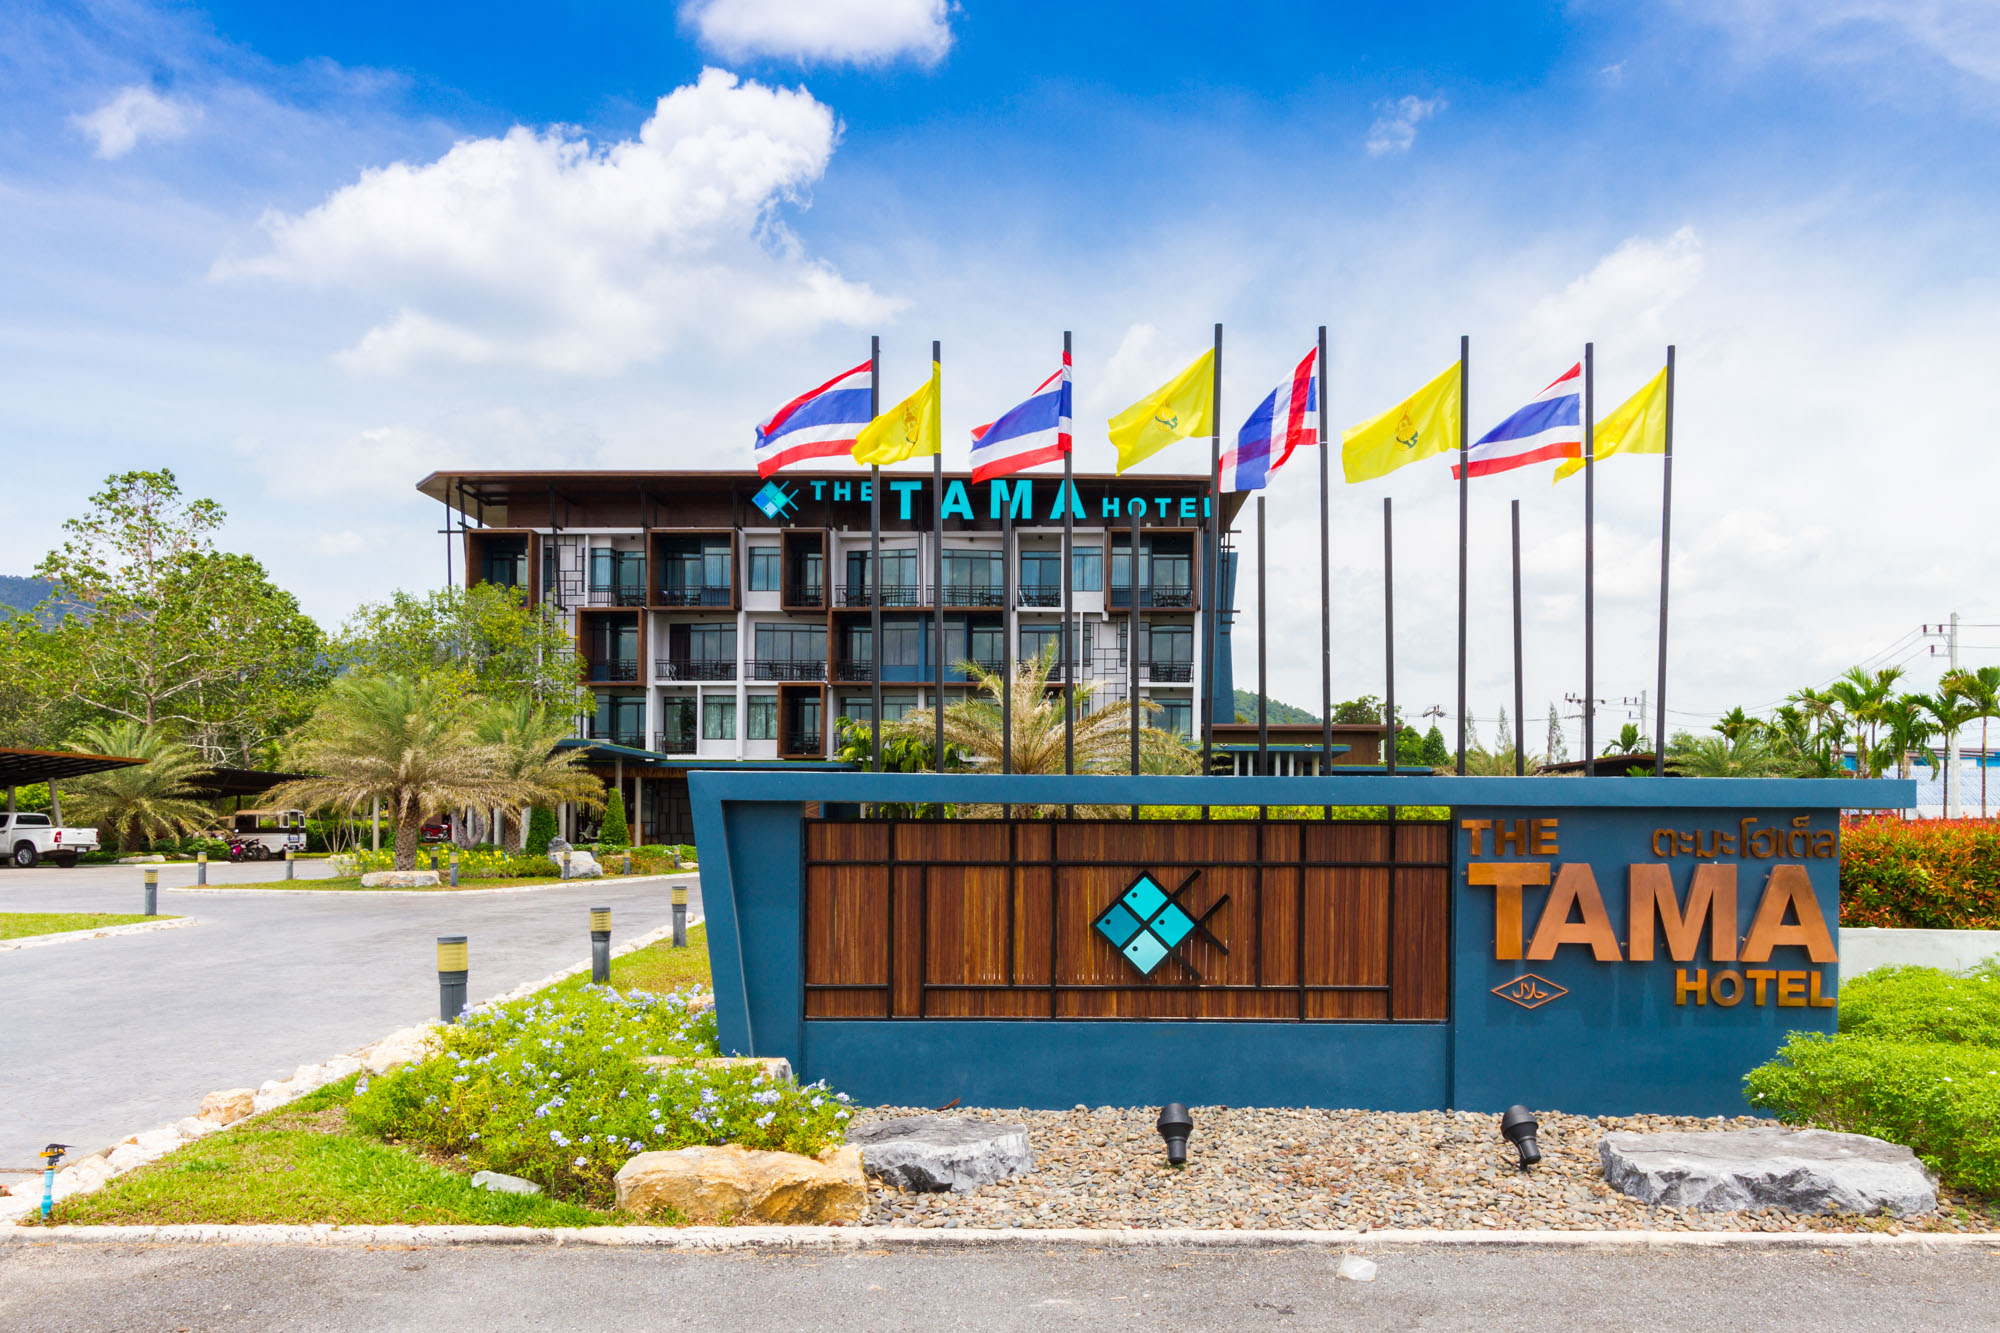 Tama Hotel Krabi เดอะ ตะมะ โฮเทล  Tama Hotel Krabi เดอะ ตะมะ โฮเทล อ่าวน้ำเมา กระบี่ IMG 0002